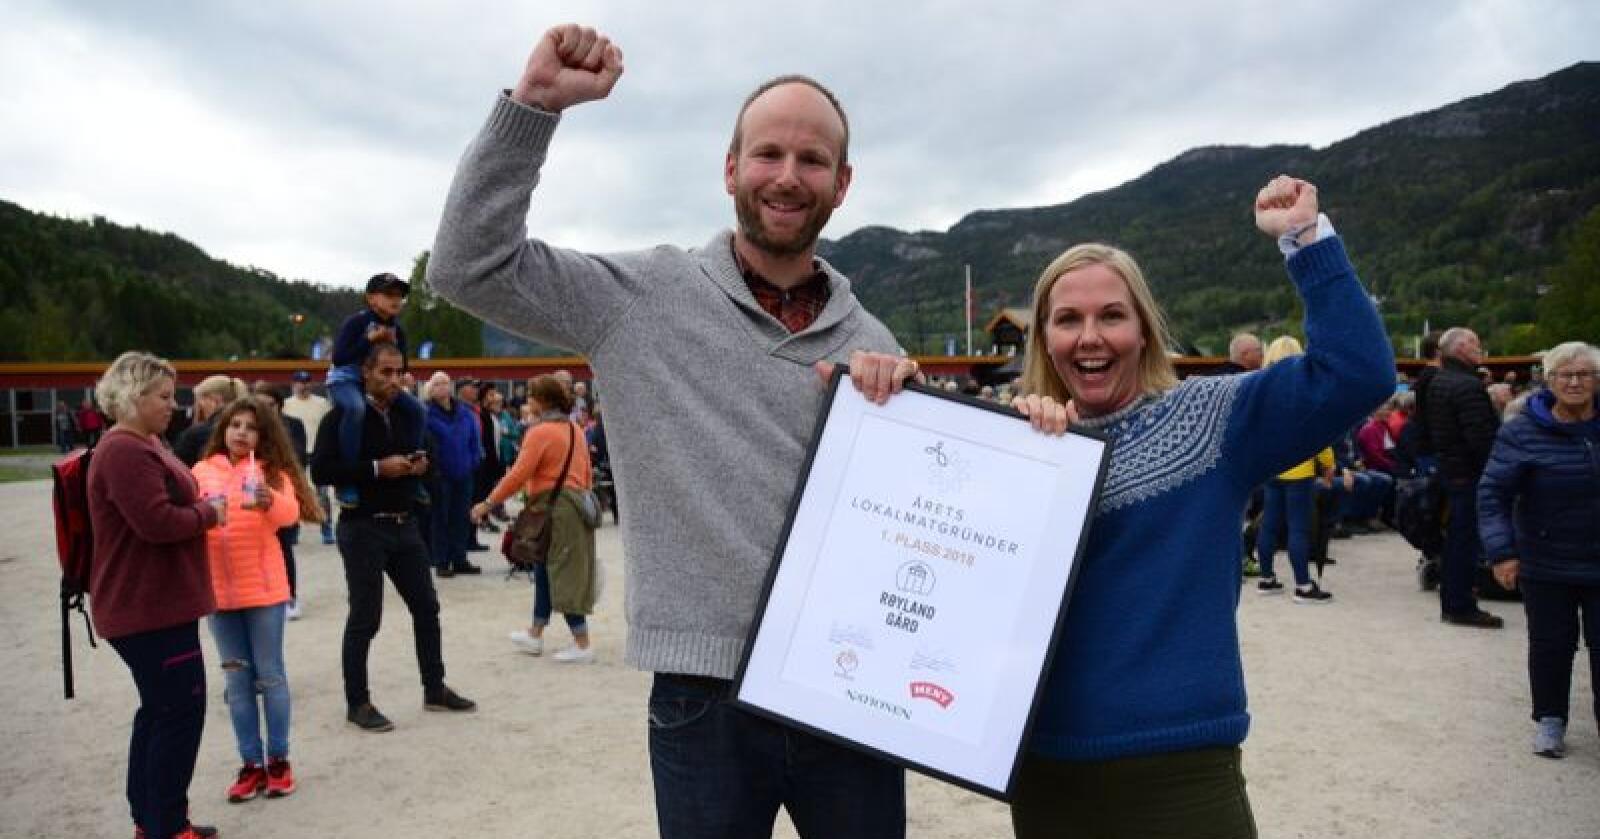 Gunnar Sagstuen og Pernille Vea ved Røyland gård ble Årets lokalmatgründer. Foto: Siri Juell Rasmussen